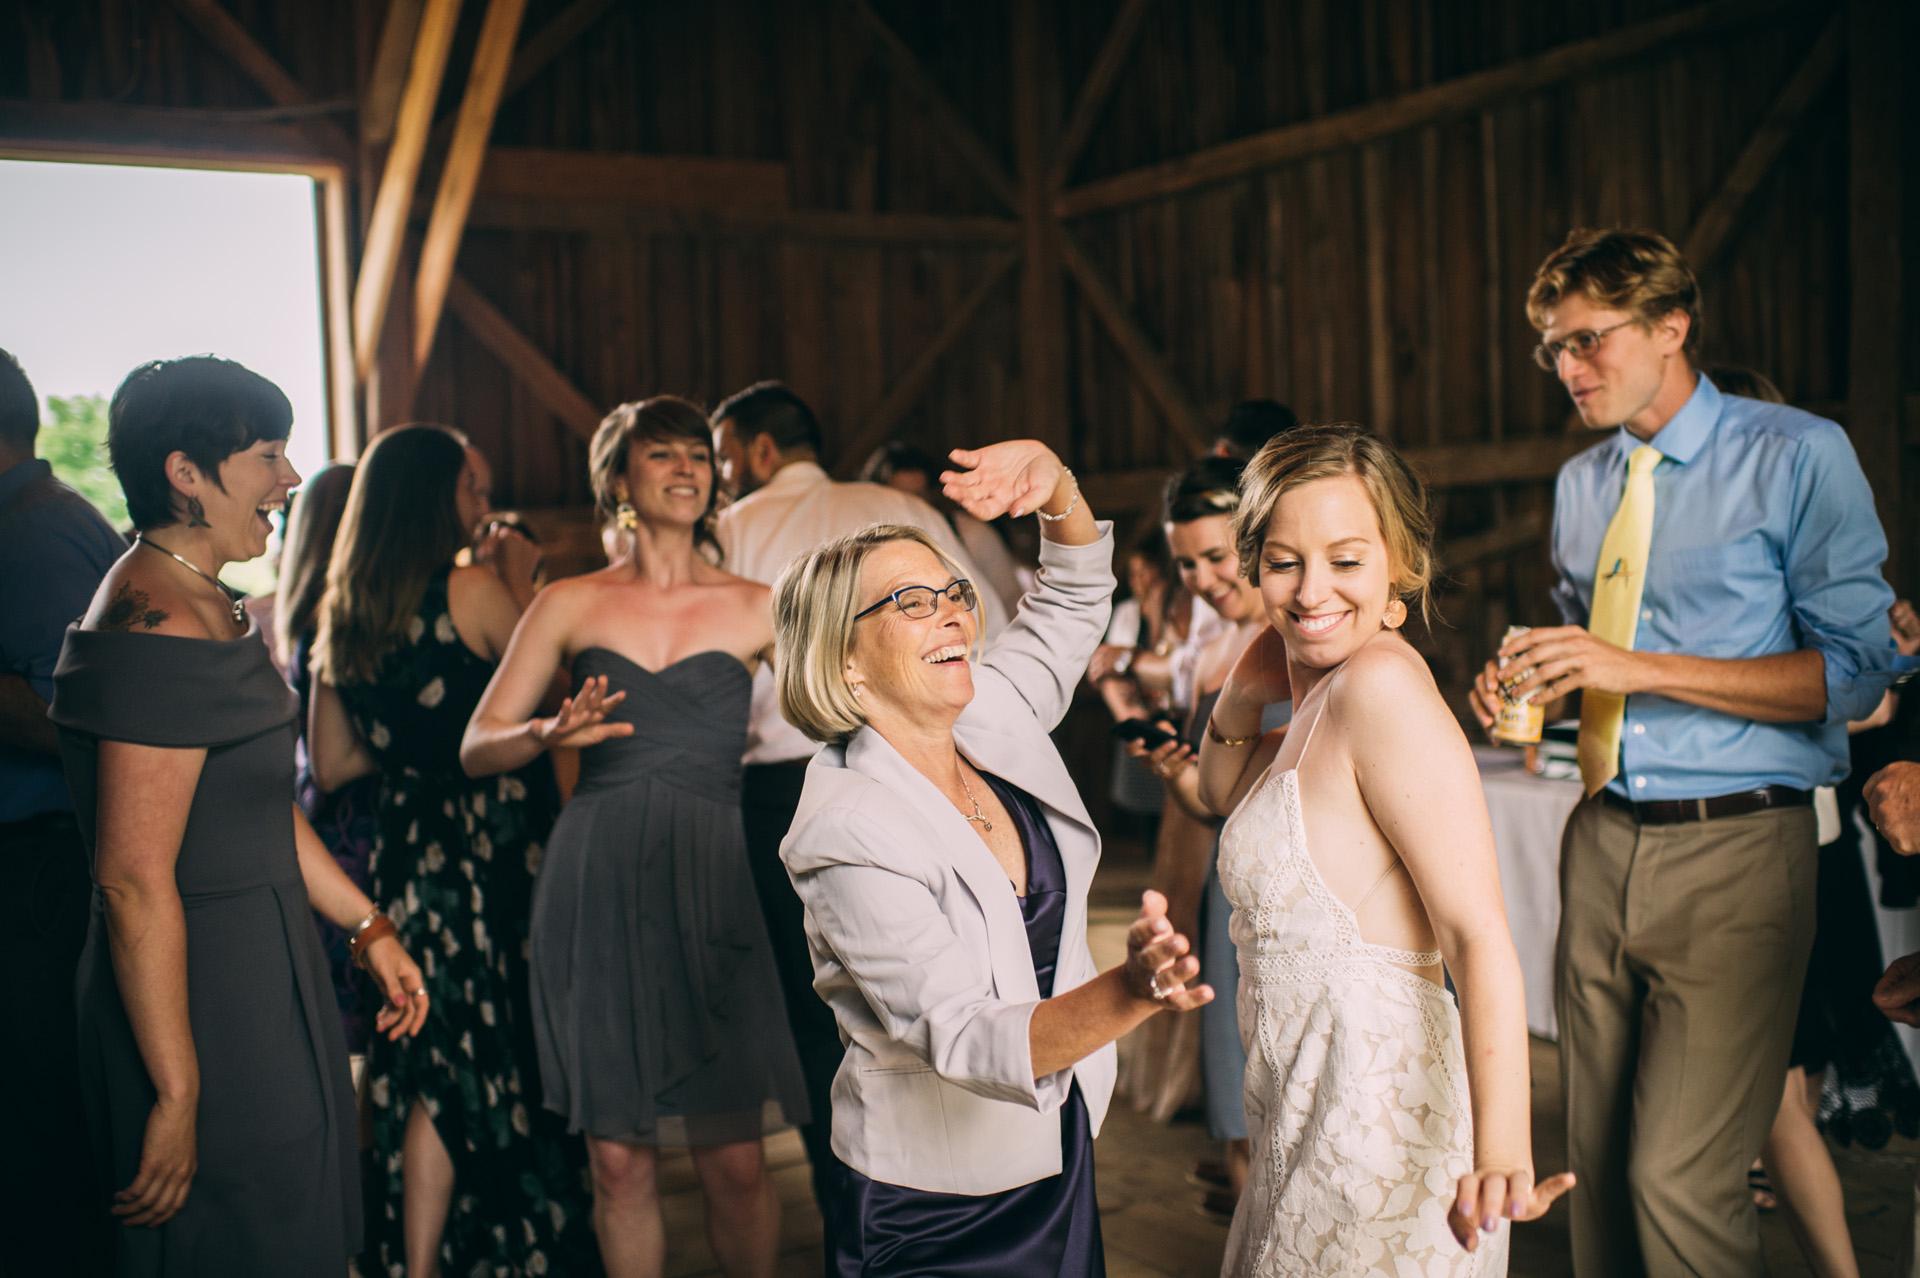 broadturn-farm-wedding-83